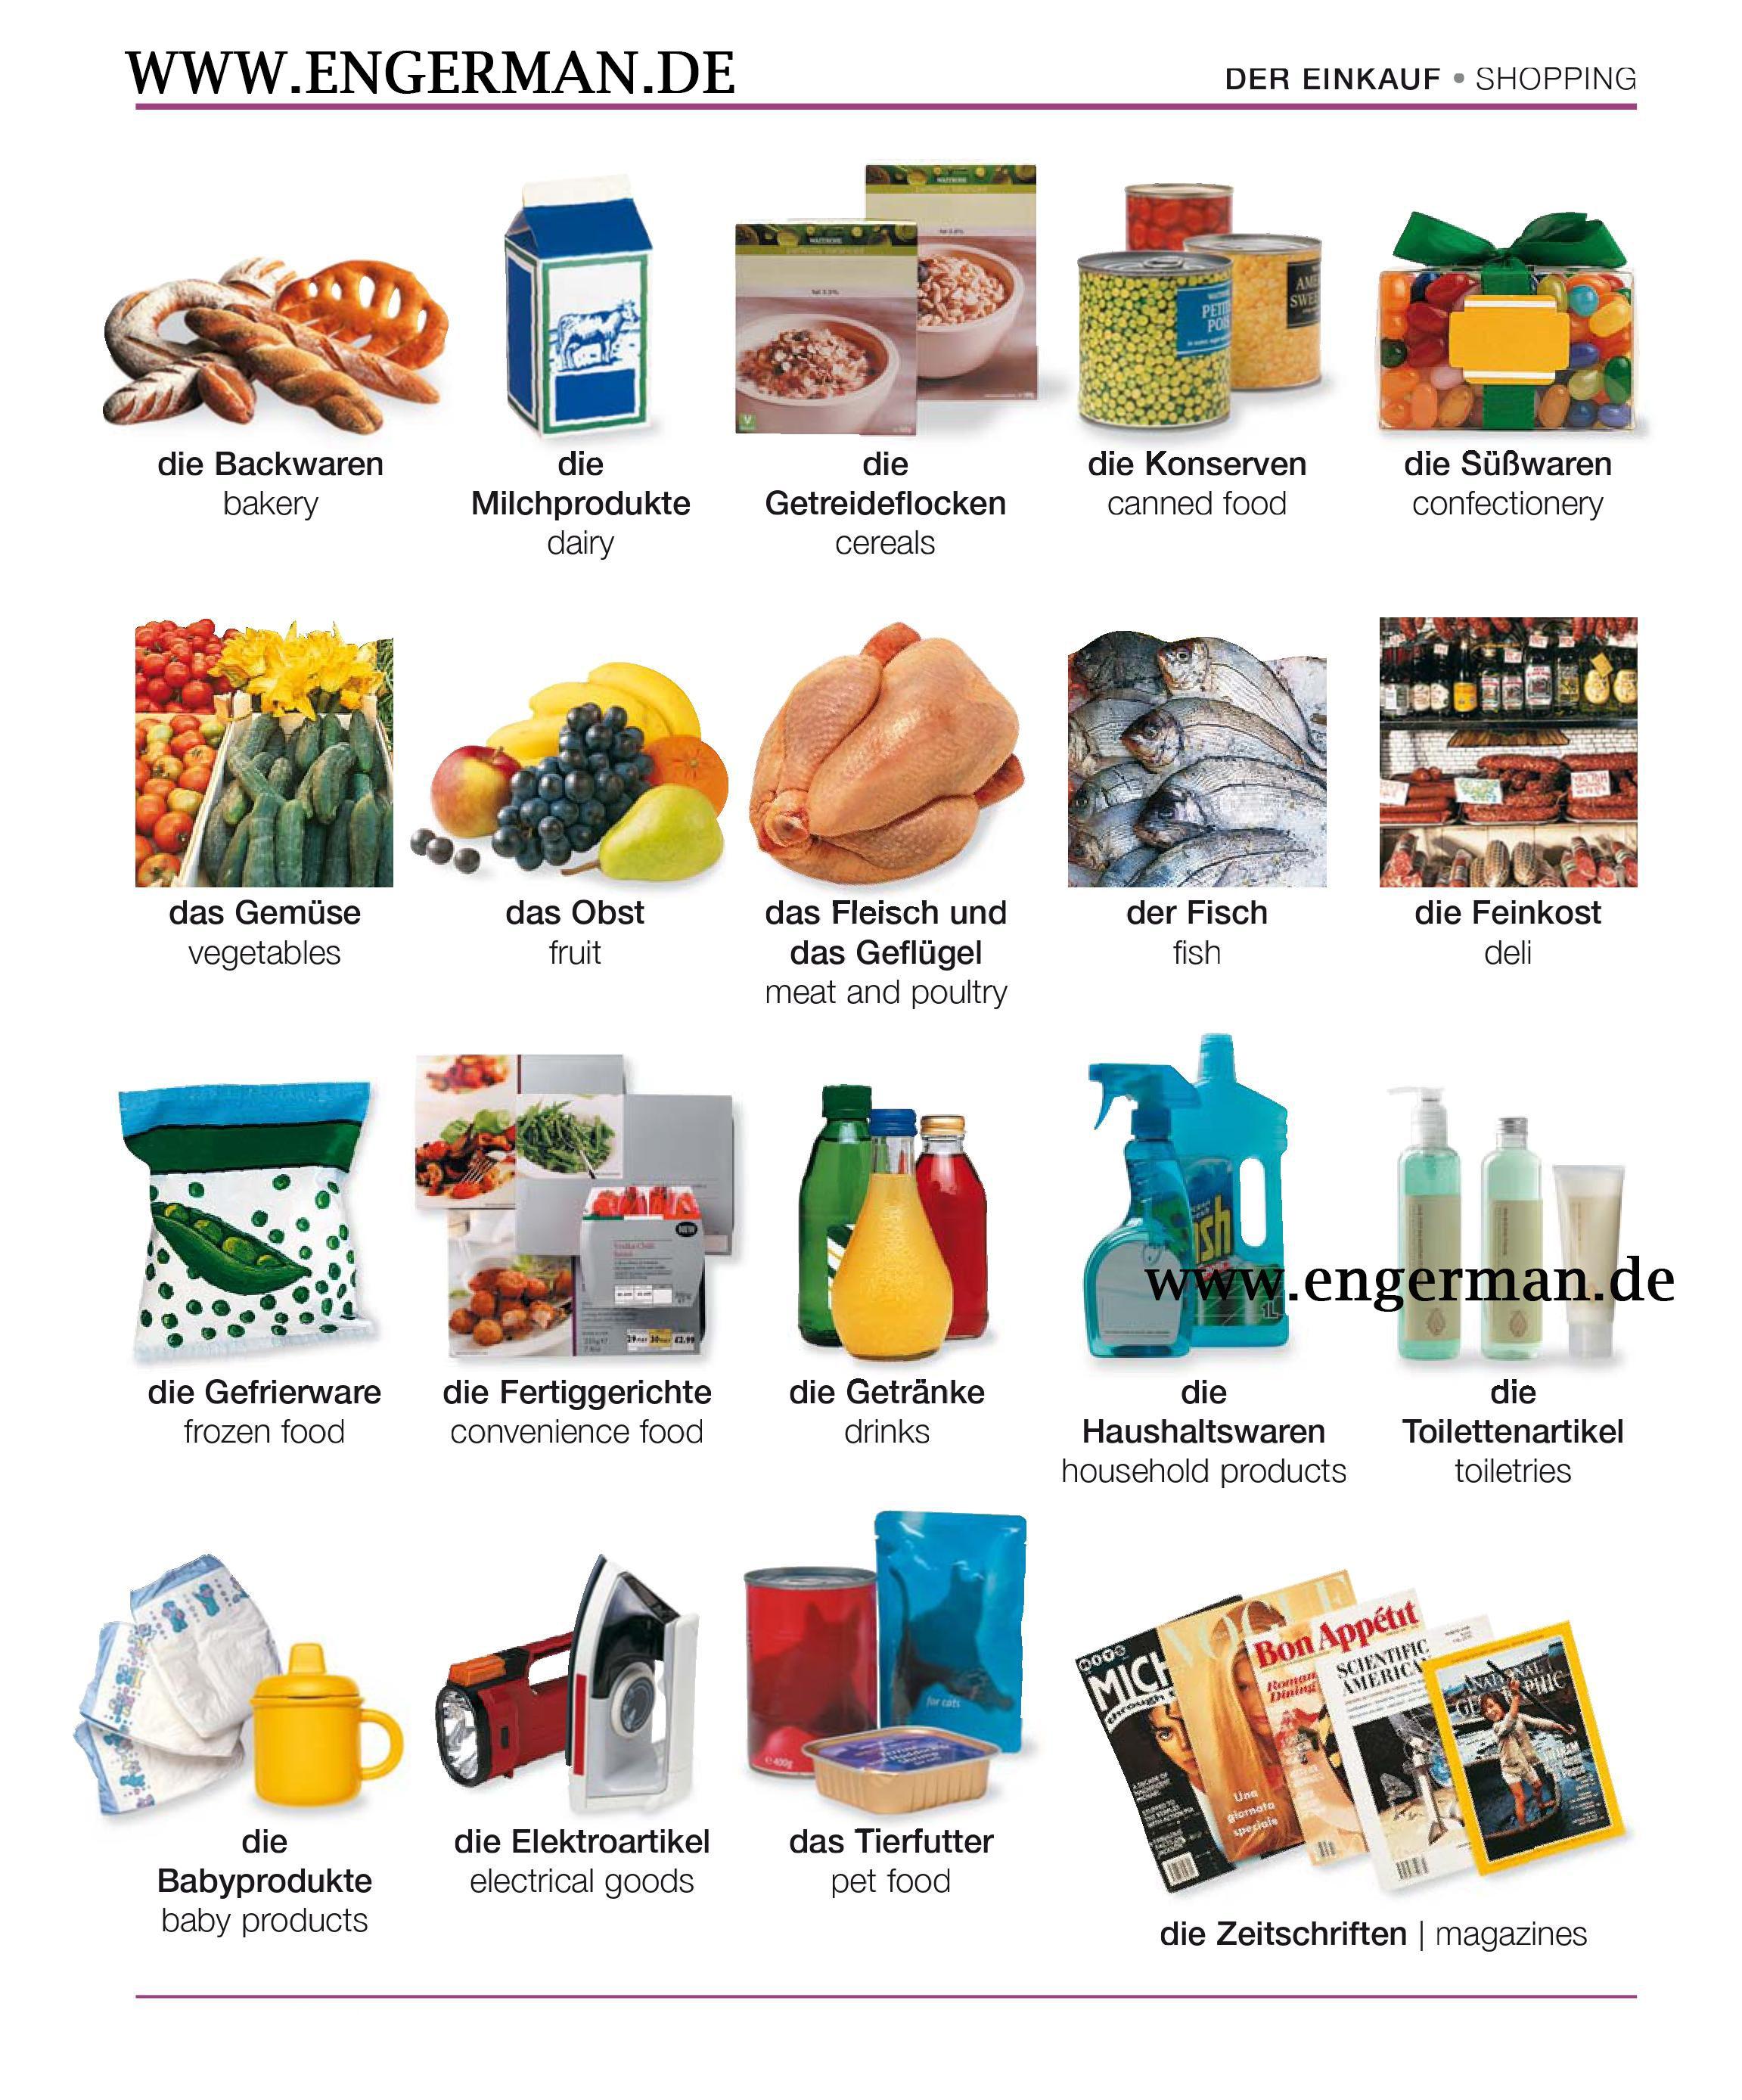 www.engerman.de | deutsch lernen, lebensmittel einkaufen